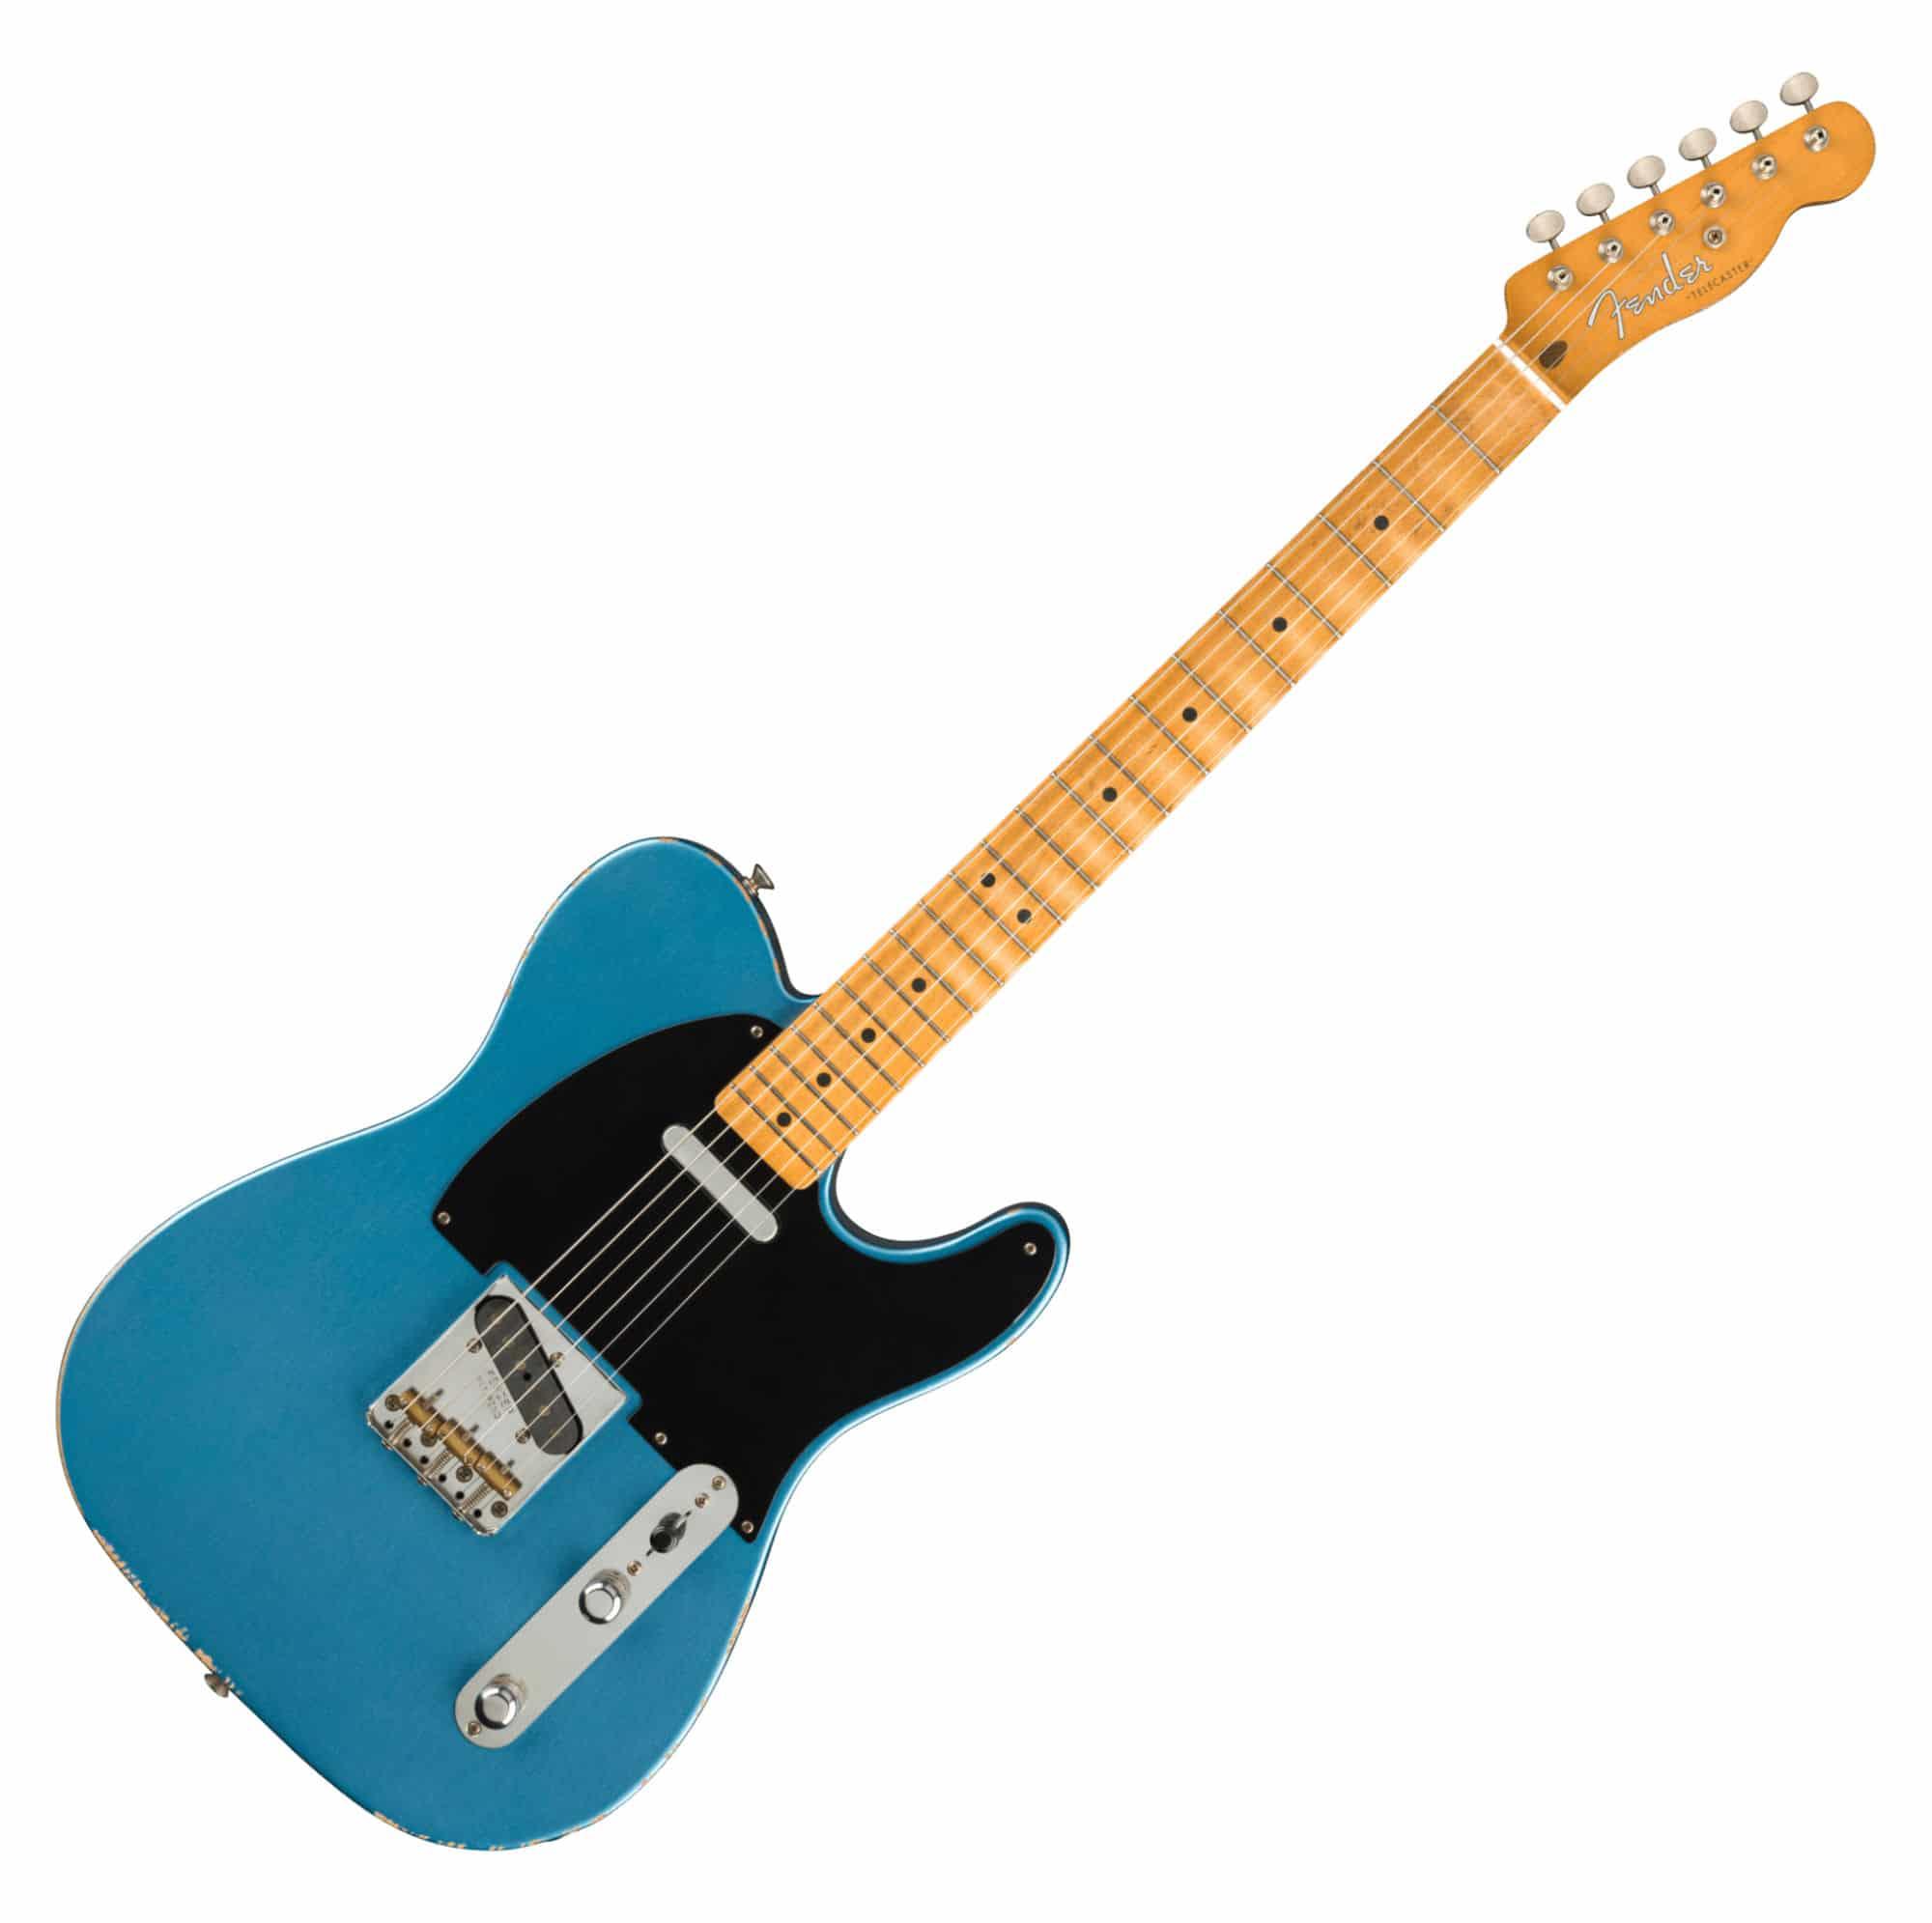 Egitarren - Fender Vintera Road Worn 50s Telecaster MN LPB - Onlineshop Musikhaus Kirstein